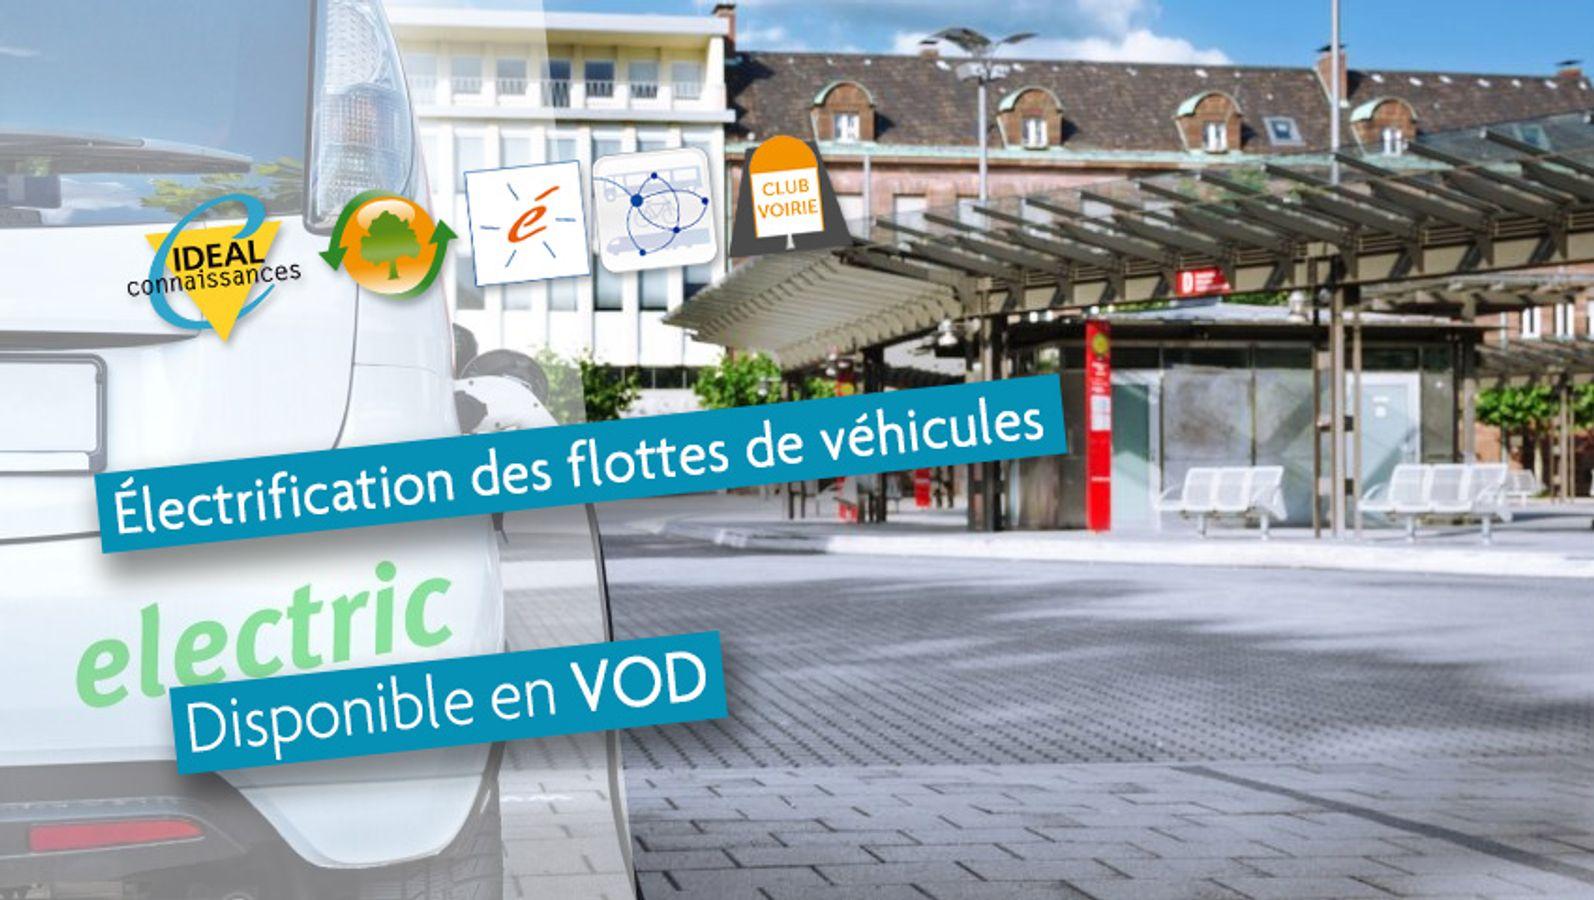 Électrification des flottes de véhicules